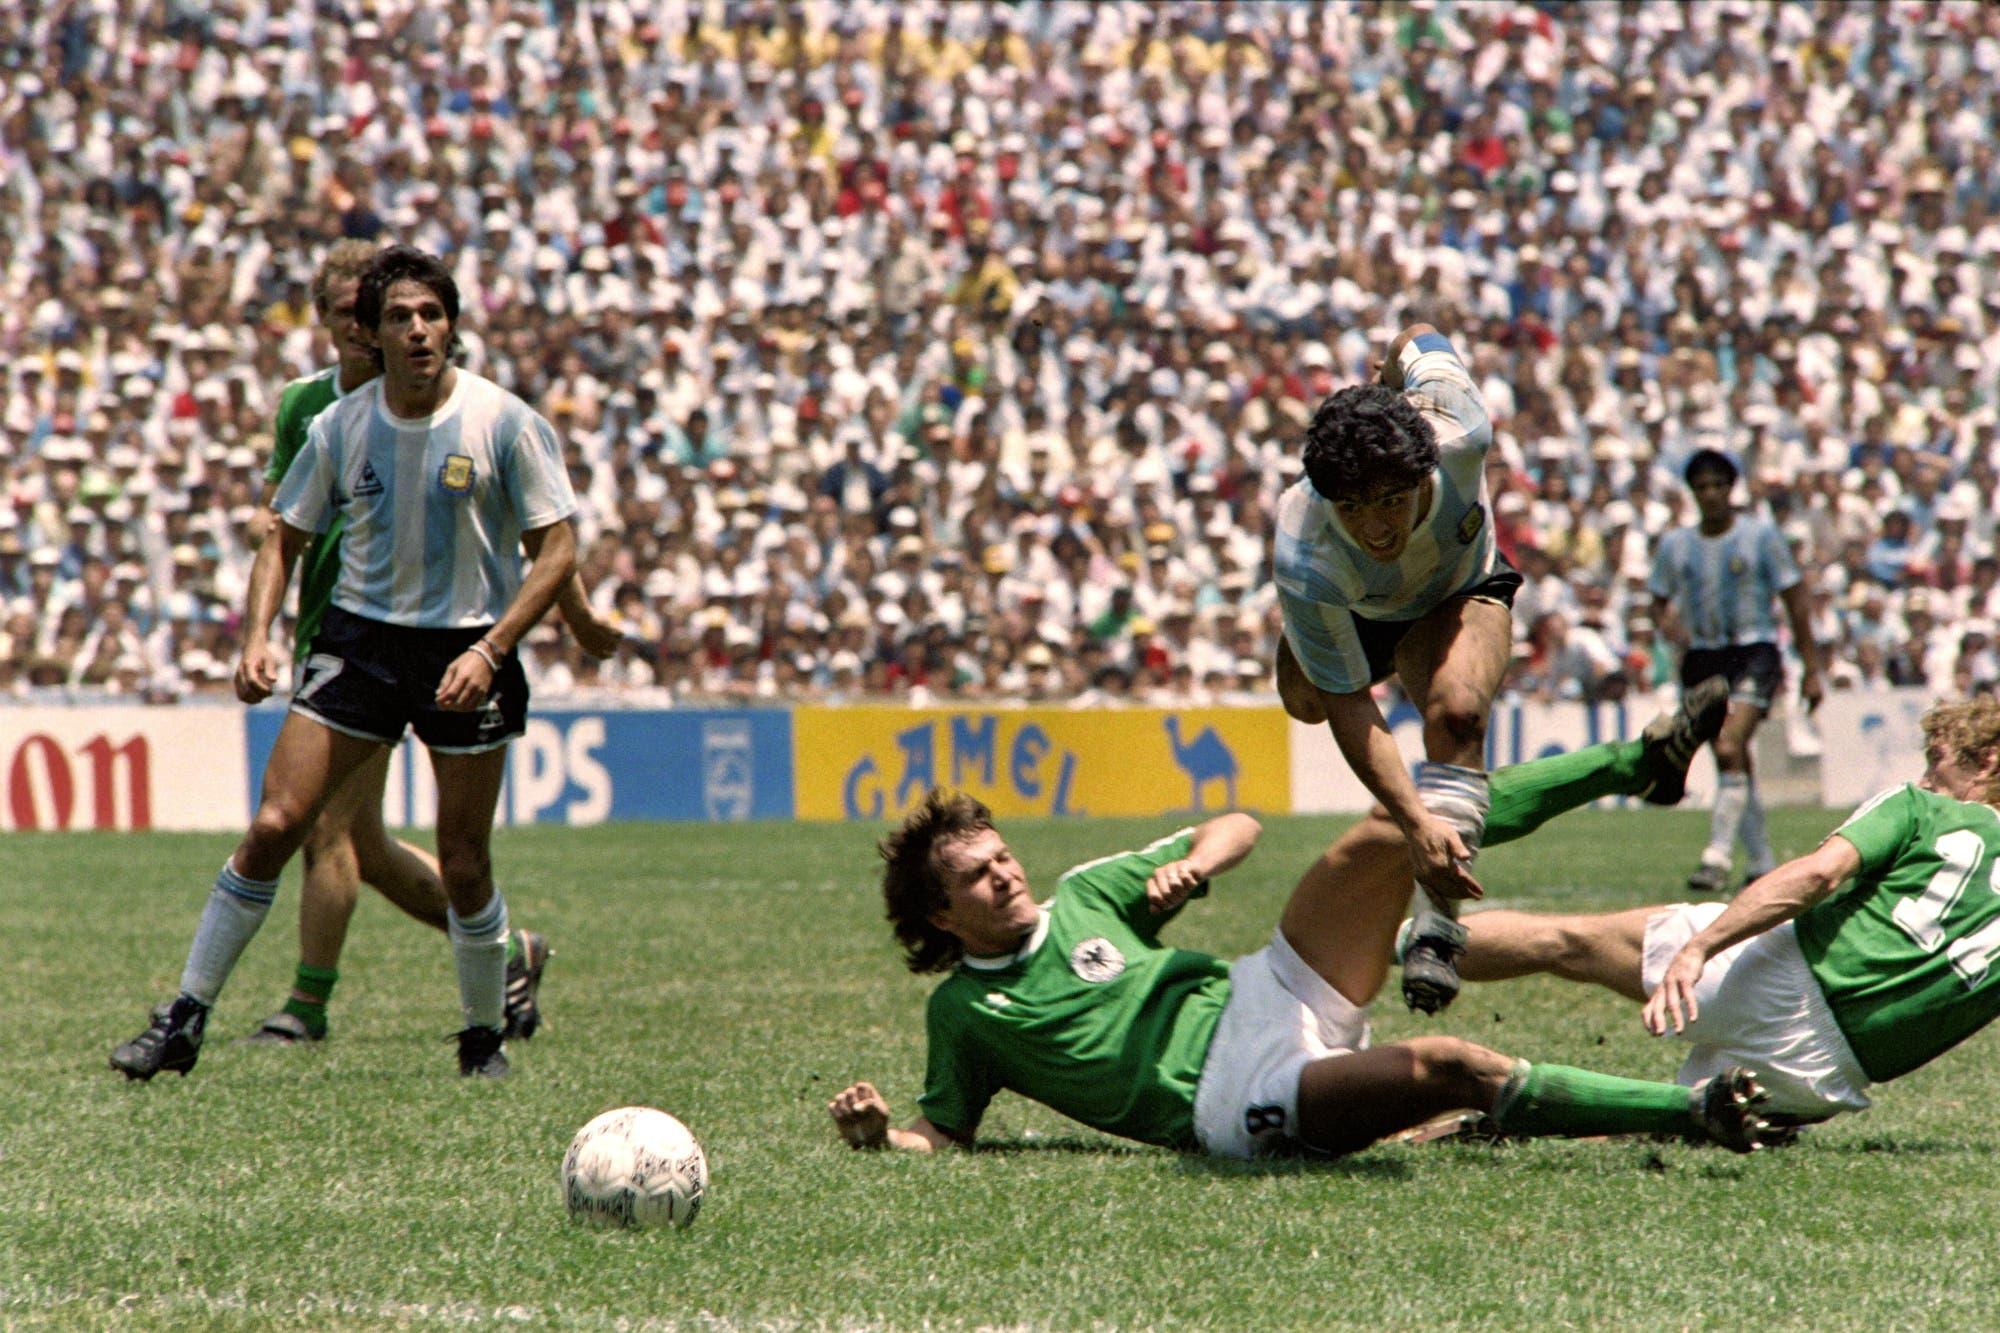 El deporte argentino que sabe jugar en equipo